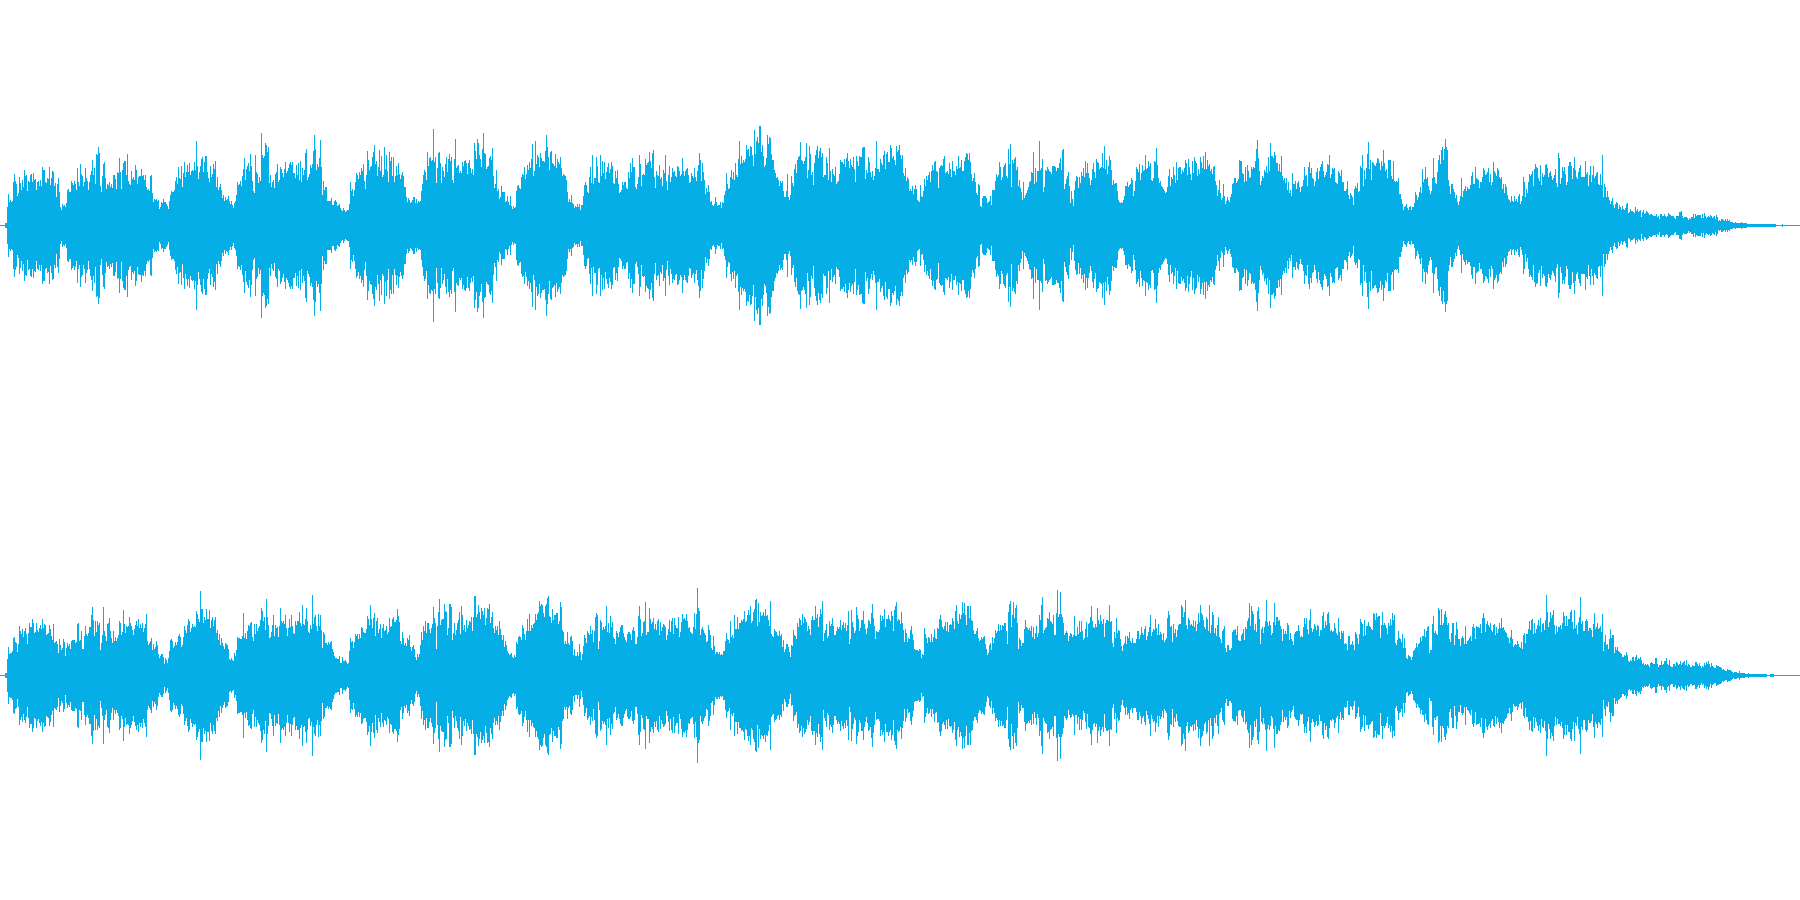 レトロで不思議な雰囲気のジングルの再生済みの波形